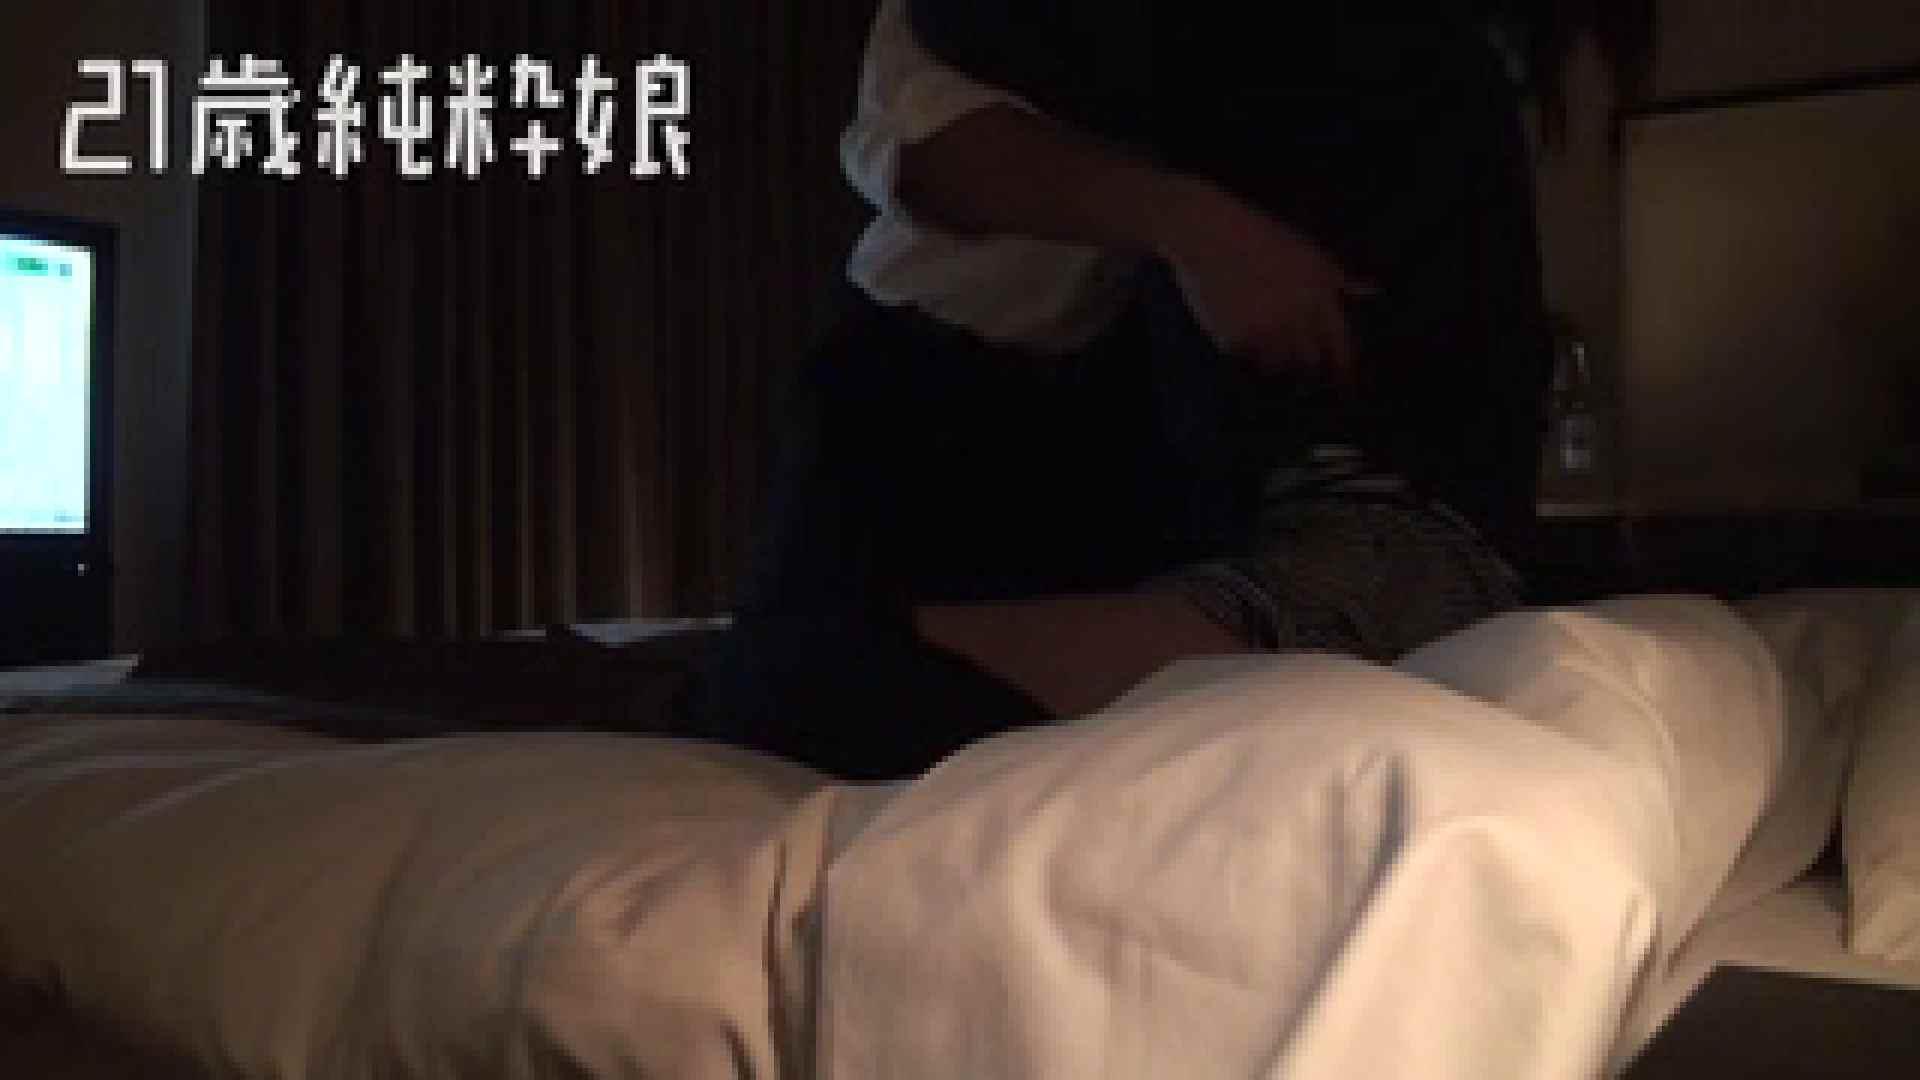 上京したばかりのGカップ21歳純粋嬢を都合の良い女にしてみた4 投稿 エロ画像 90画像 18